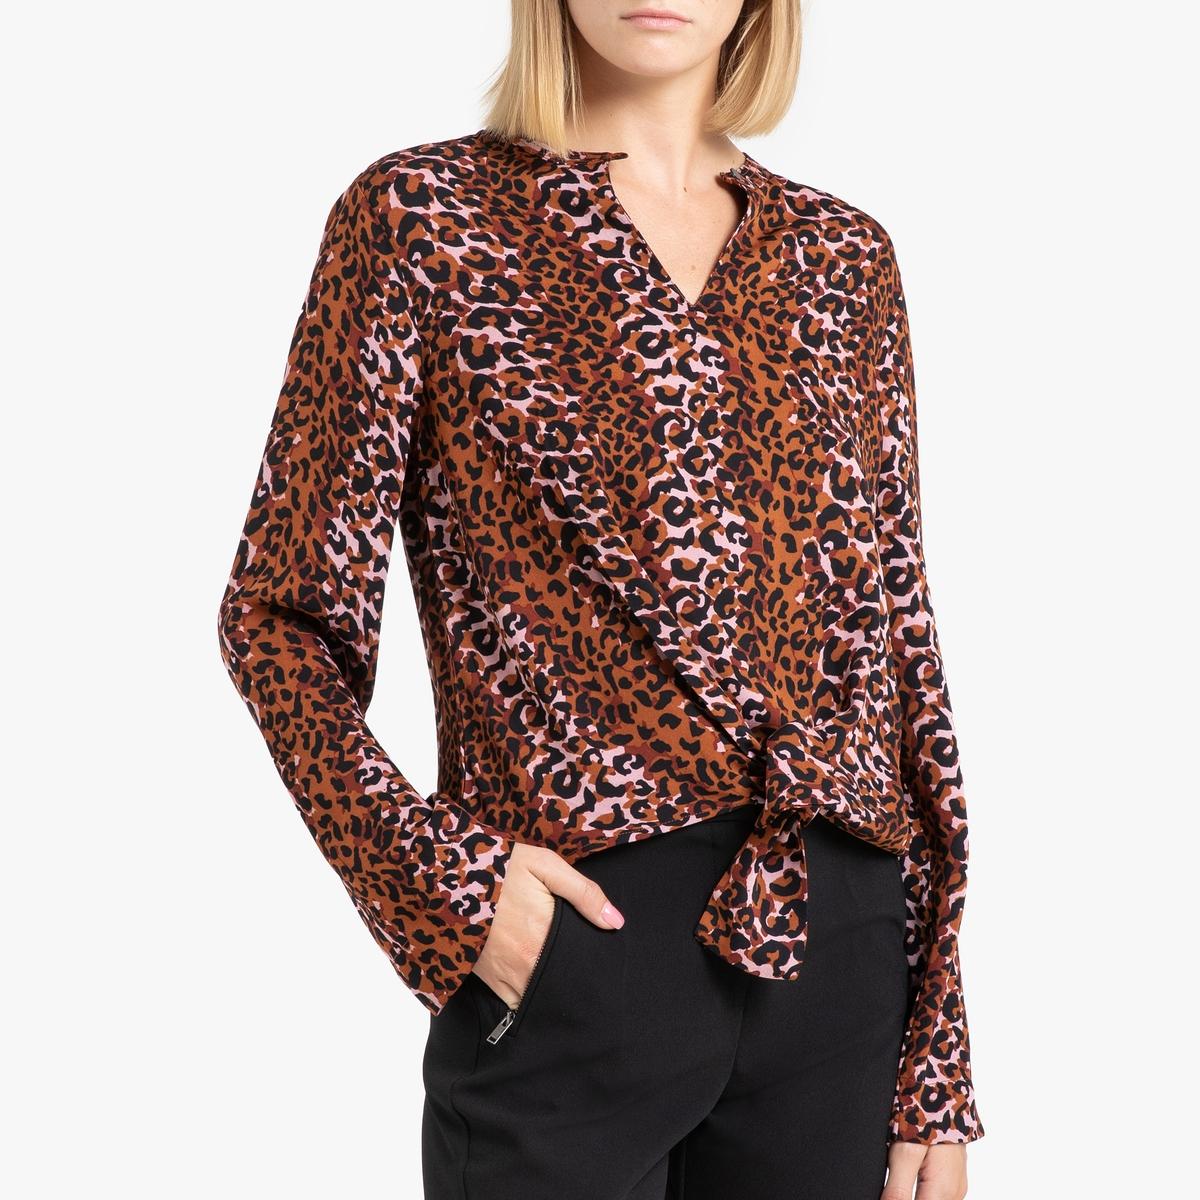 цена Блузка La Redoute С рисунком V-образным вырезом и длинными рукавами XS каштановый онлайн в 2017 году